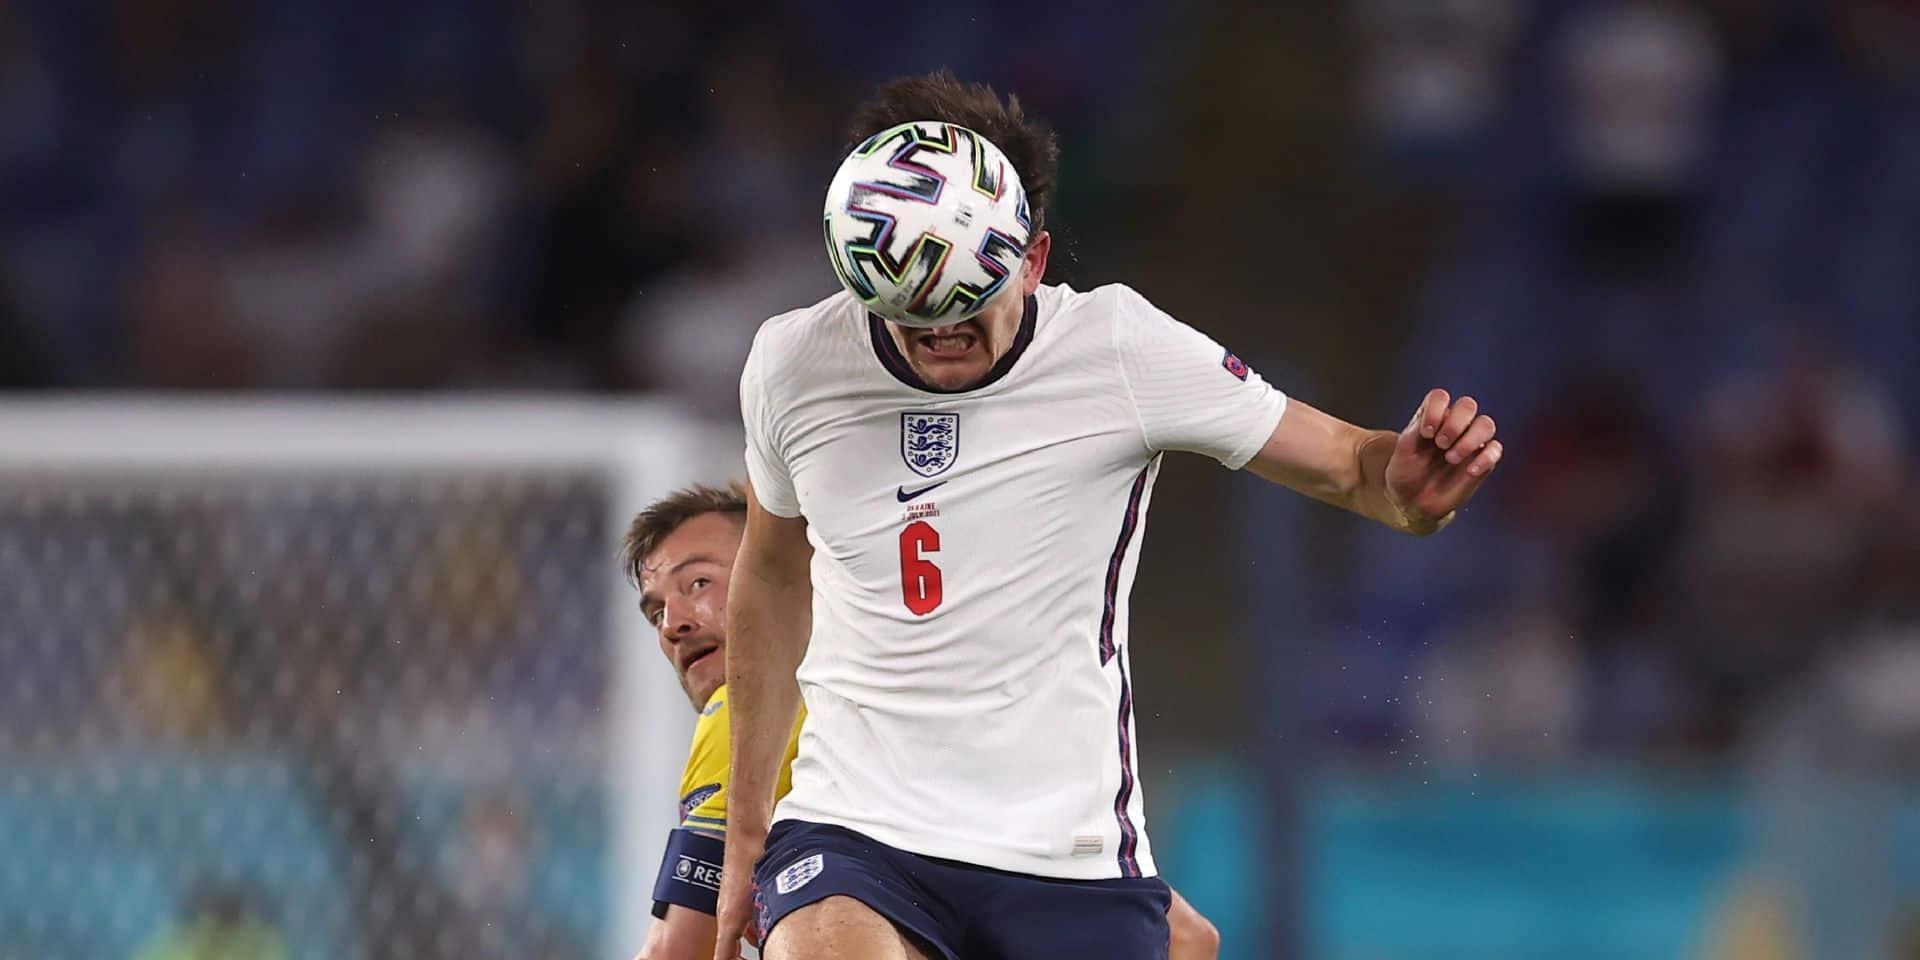 Voici le nouveau ballon pour les derniers matchs de l'Euro 2020